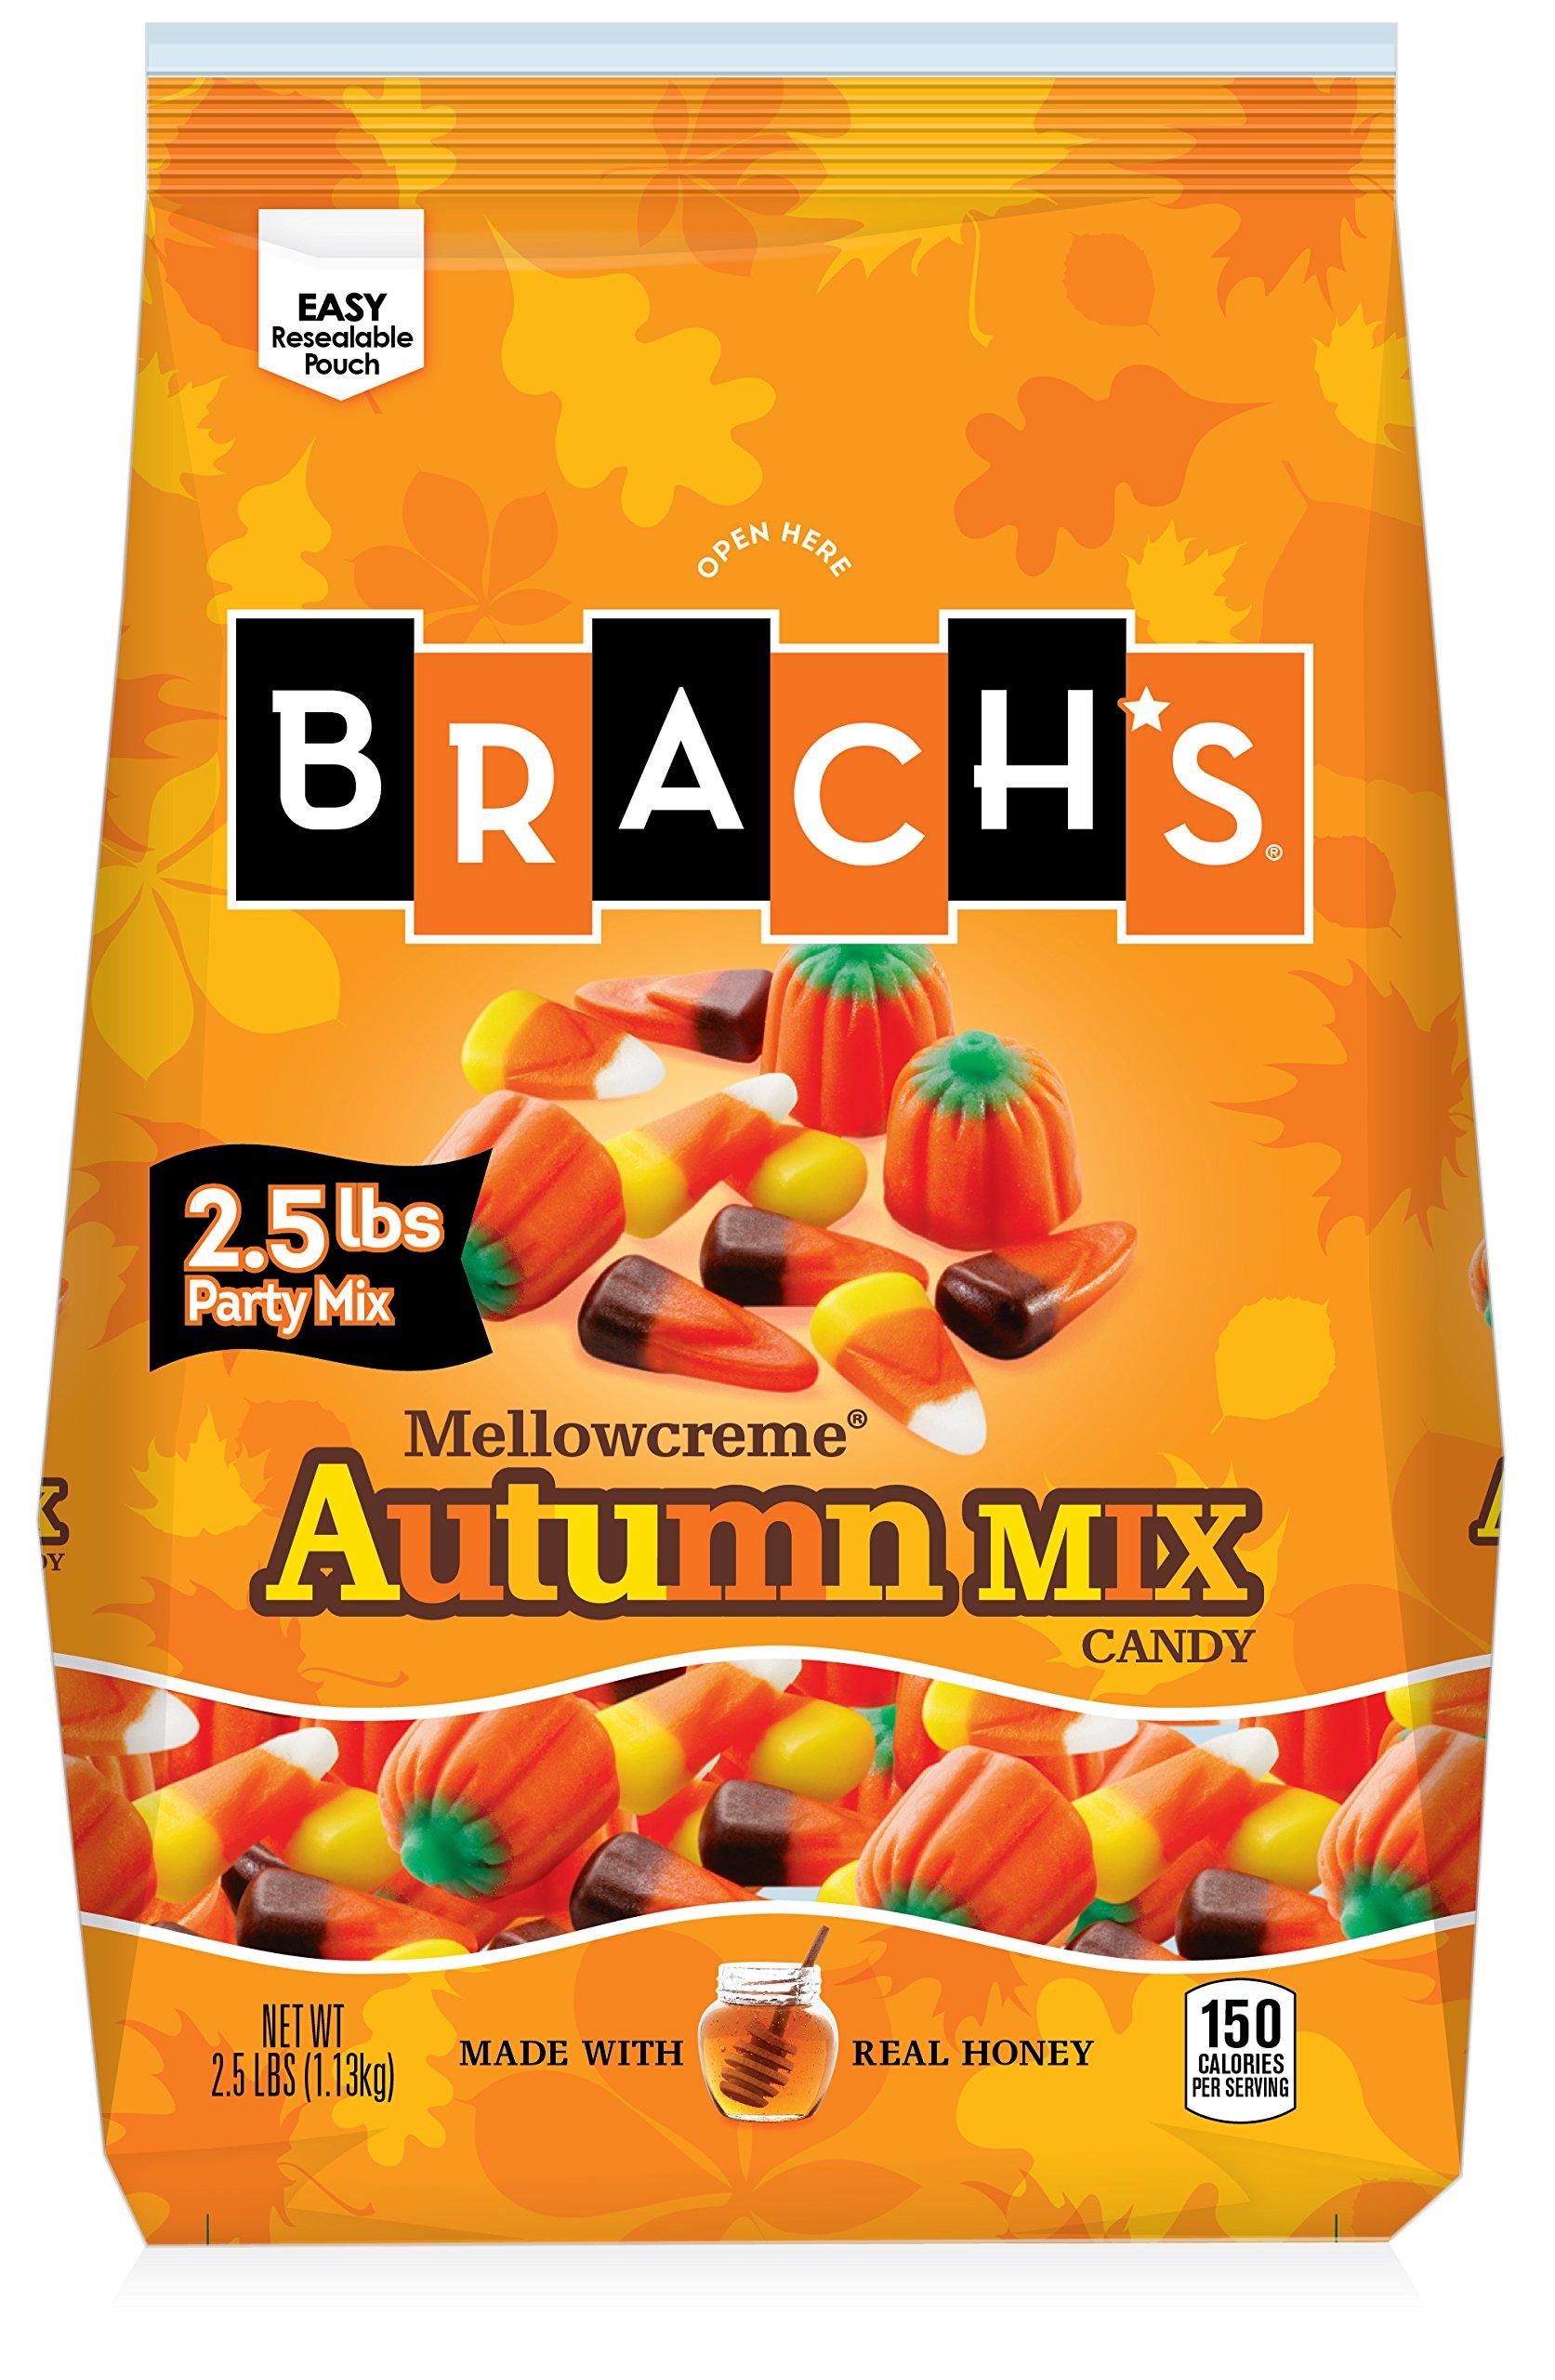 Brachs Halloween Autumn Candy Party Mix | 3 Pound Bag $9.50 Amazon Prime